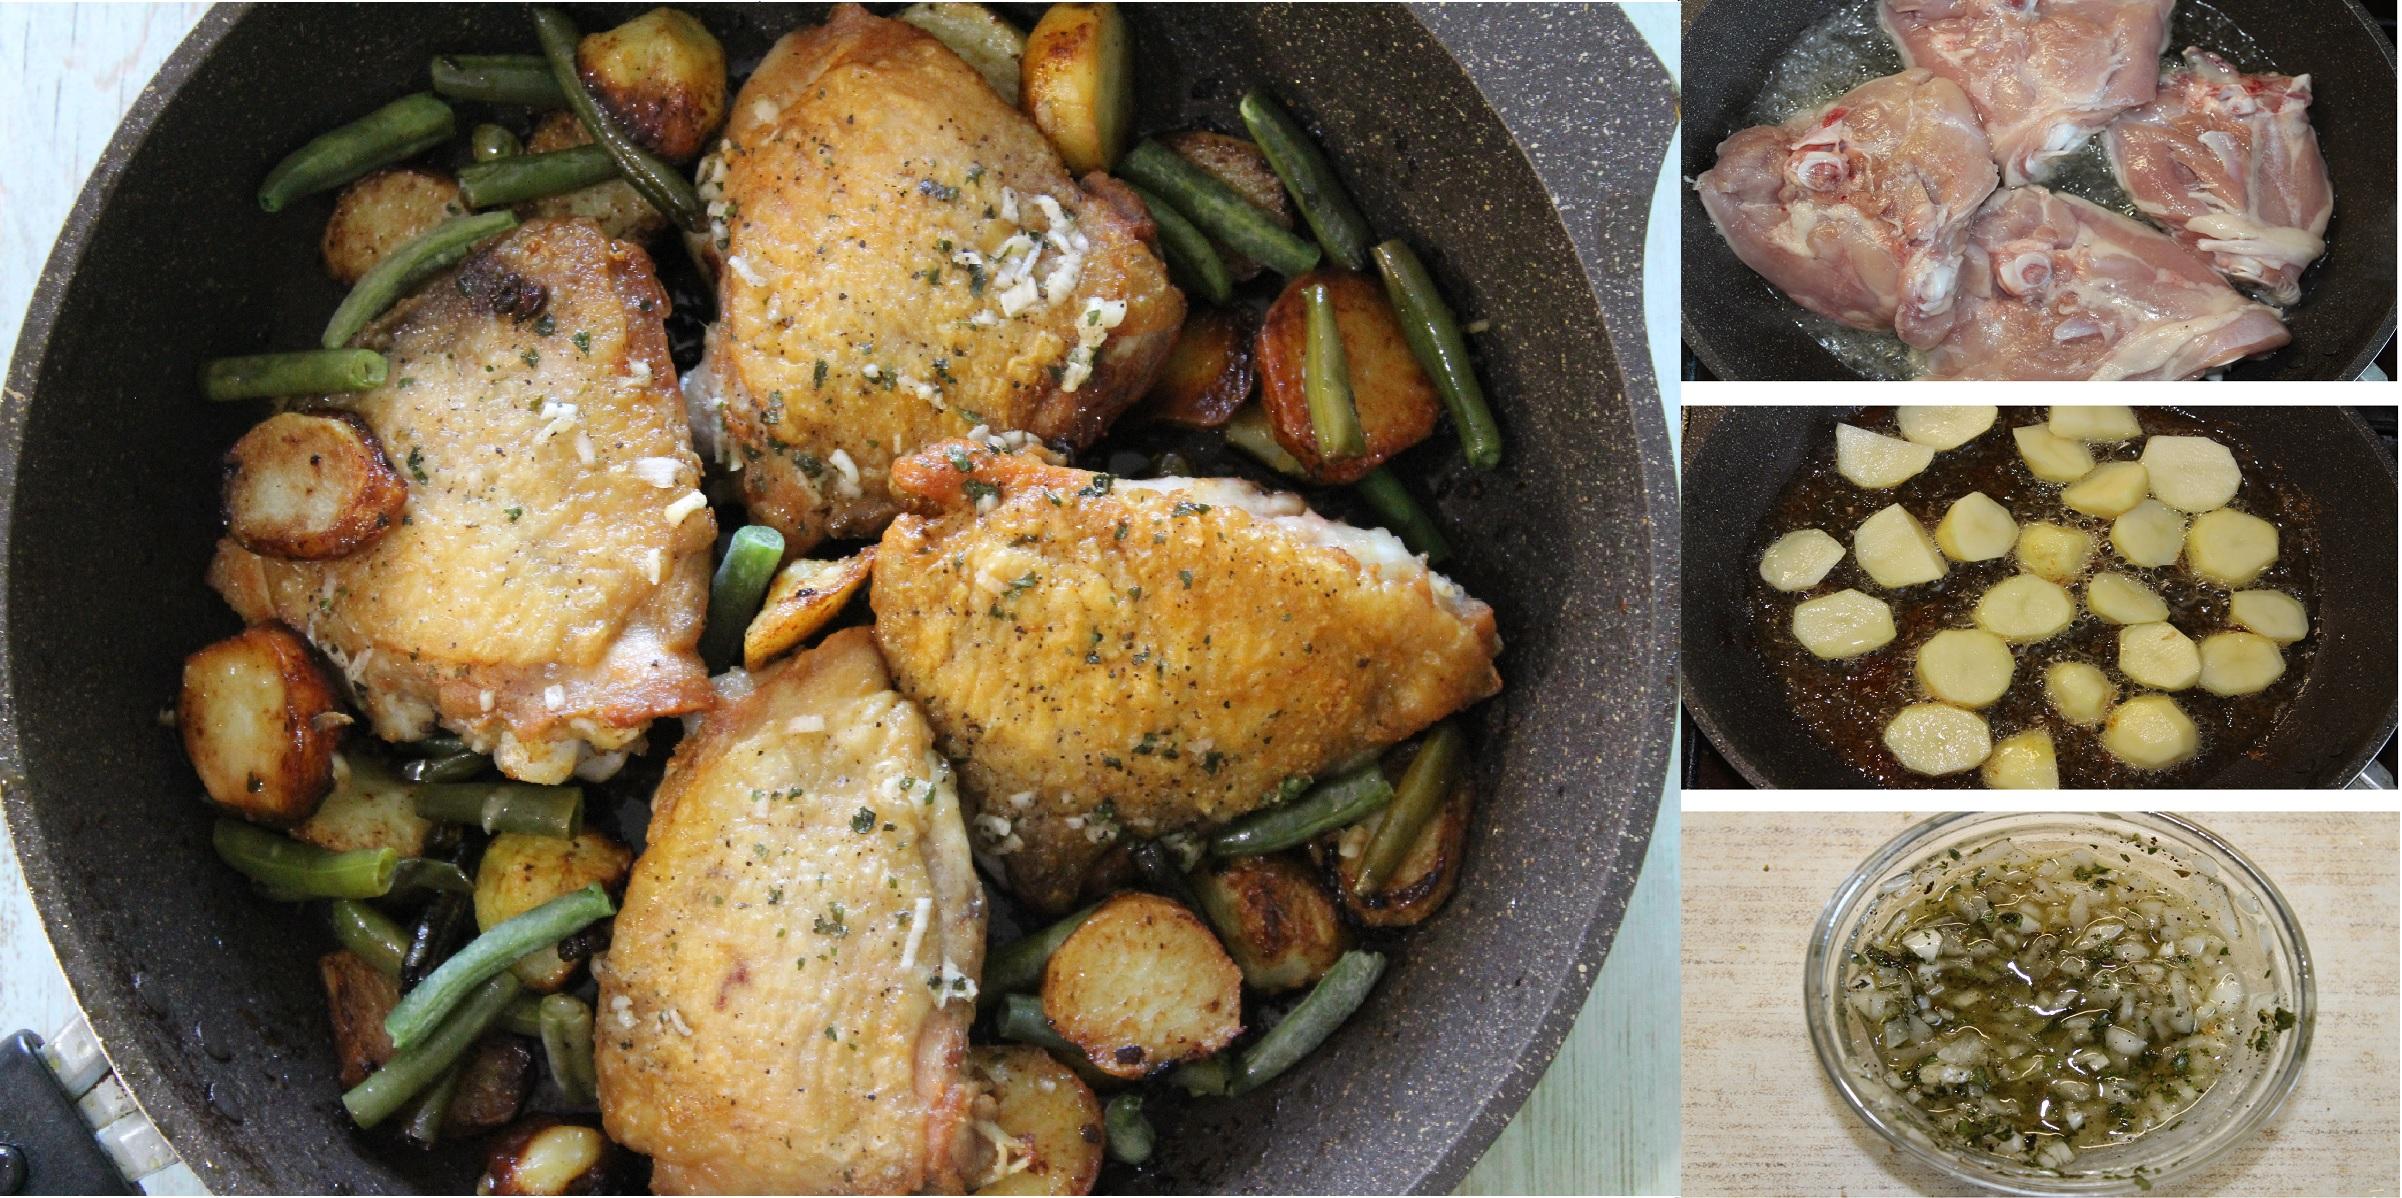 Куриные бедра с молодым картофелем, горошком и стручковой фасолью: пошаговый фото рецепт